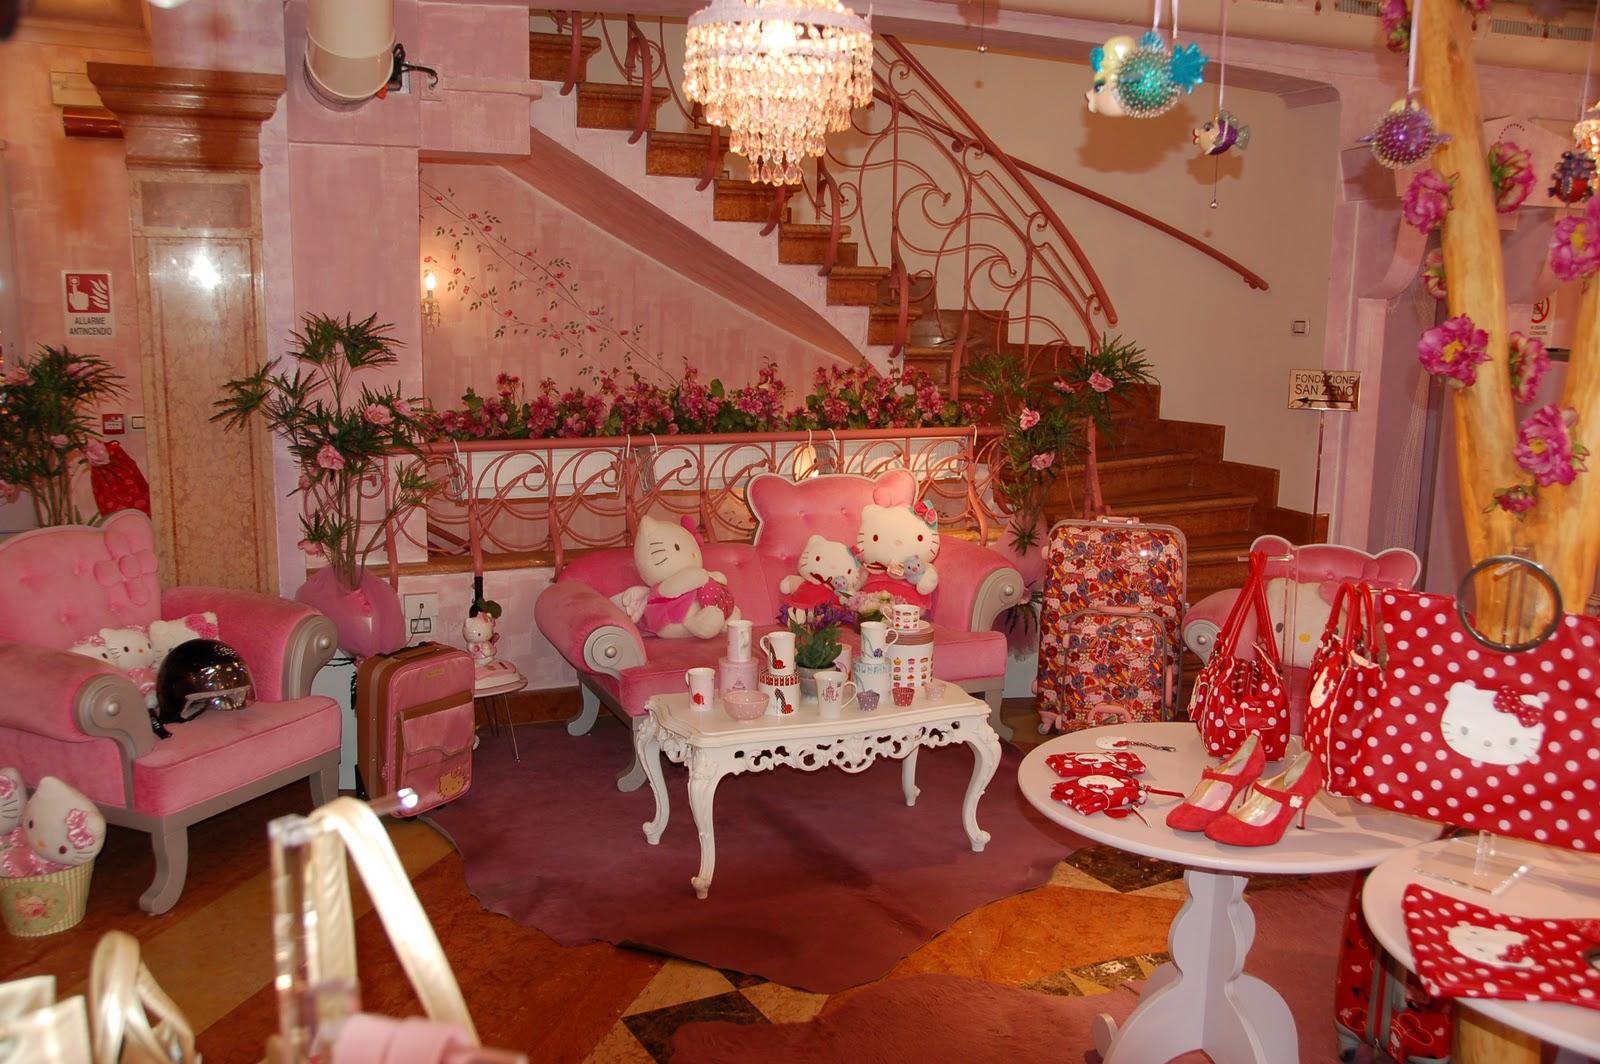 68 Foto Model Desain Ruang Tamu Hello Kitty Paling Keren Yang Bisa Anda Tiru